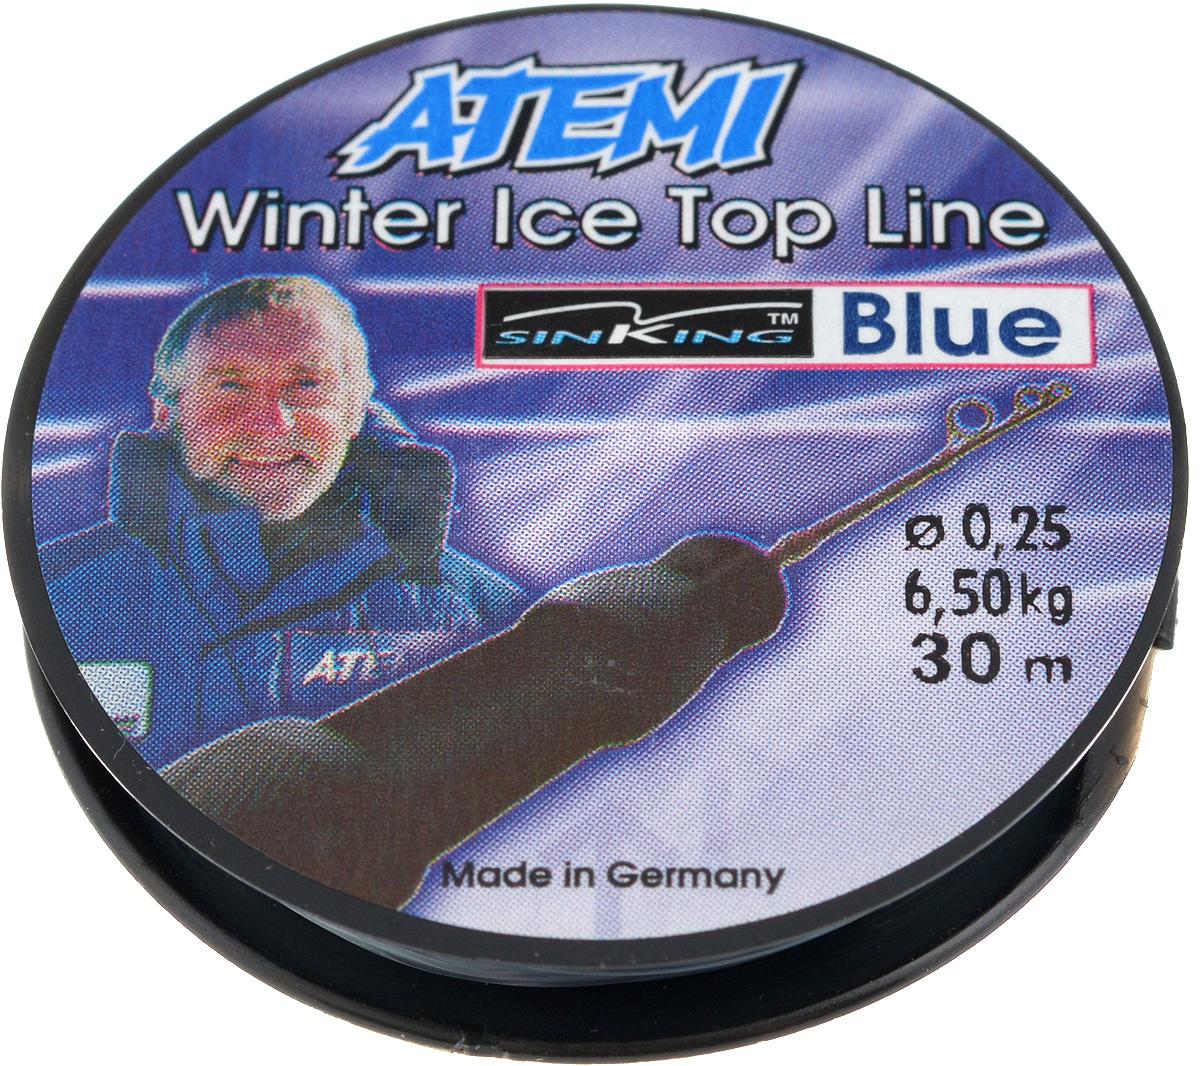 Леска зимняя Atemi Winter Blue, 30 м, 0,25 мм, 6,5 кг306-00025Леска Atemi Winter Blue, изготовленная из 100% нейлона, очень хорошо выдерживает низкие температуры и идеальна для ловли карпа. Даже в самом холодном климате она сохраняет свои свойства практически без изменений, в то время как традиционные лески становятся менее эластичными и теряют прочность.Поверхность лески обработана таким образом, что она не обмерзает и отлично подходит для подледного лова.